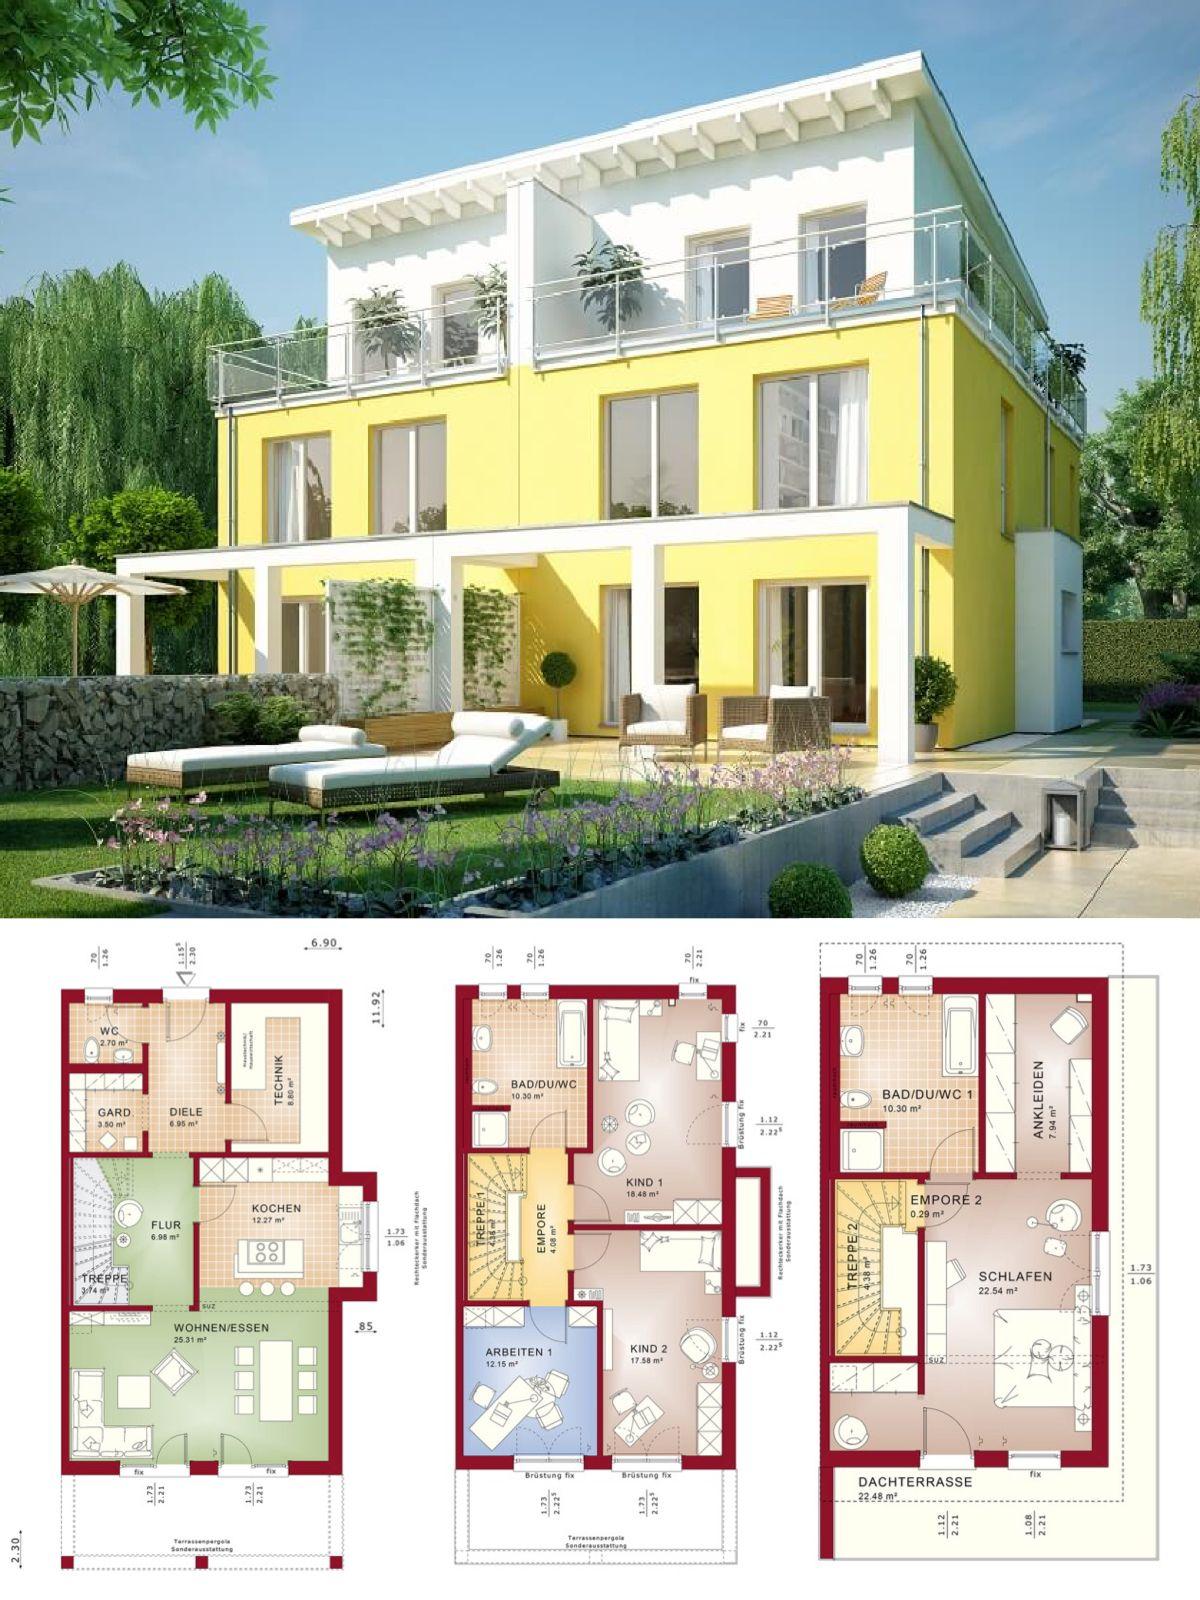 Modernes Doppelhaus mit Pultdach Architektur & Pergola